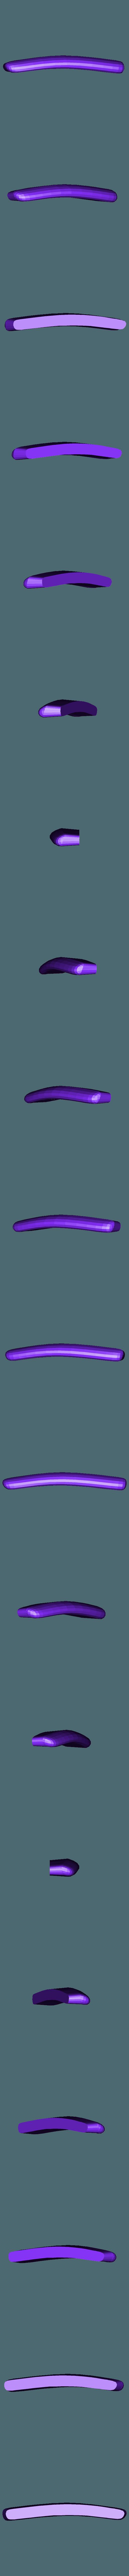 eyebrow_right.stl Télécharger fichier STL gratuit Bébé Chat Potté • Objet à imprimer en 3D, reddadsteve